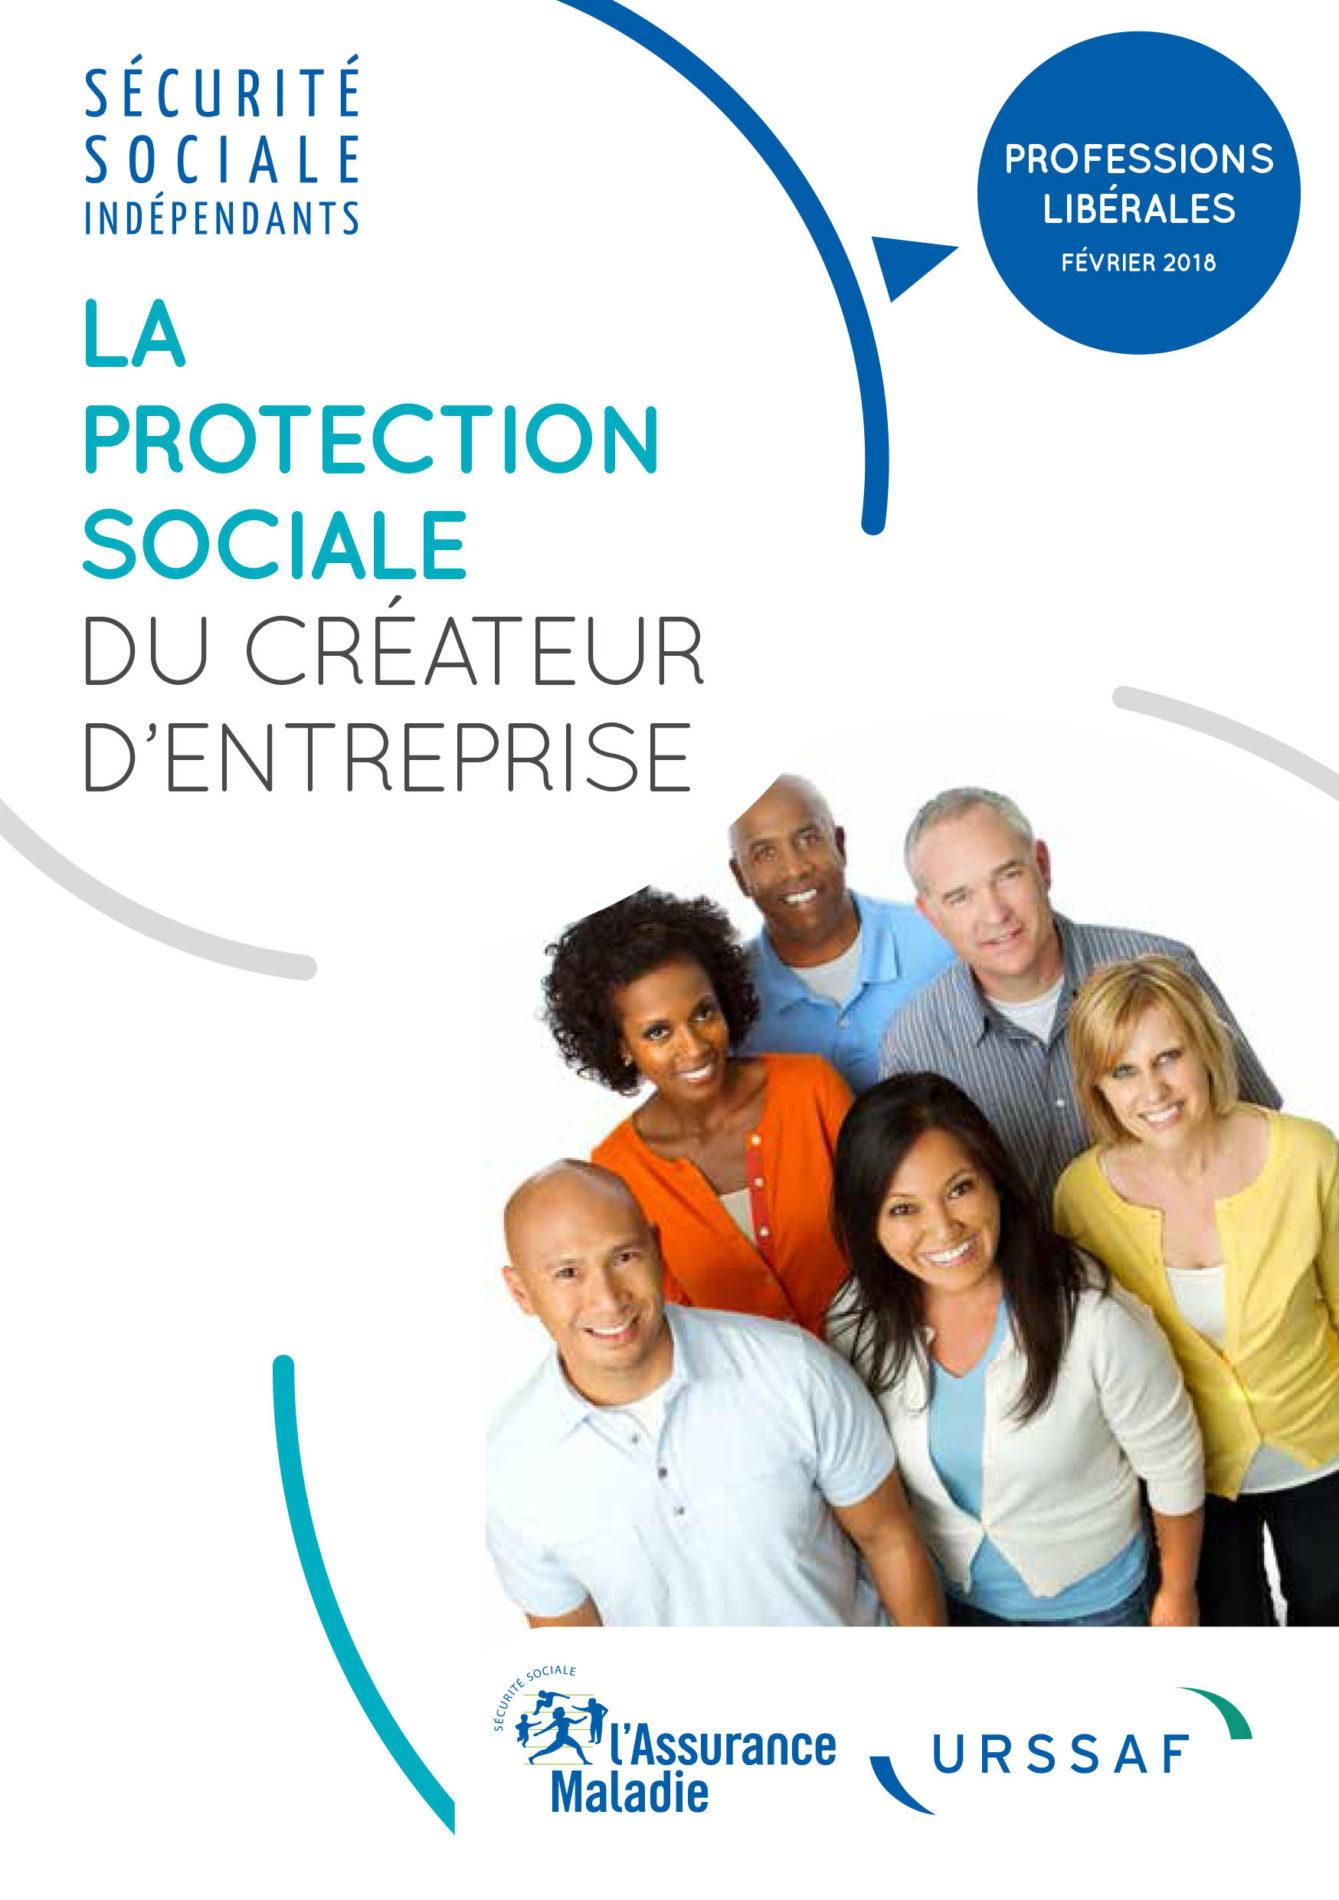 Protection sociale créateur d'entreprise Professions libérales - GVGM-1